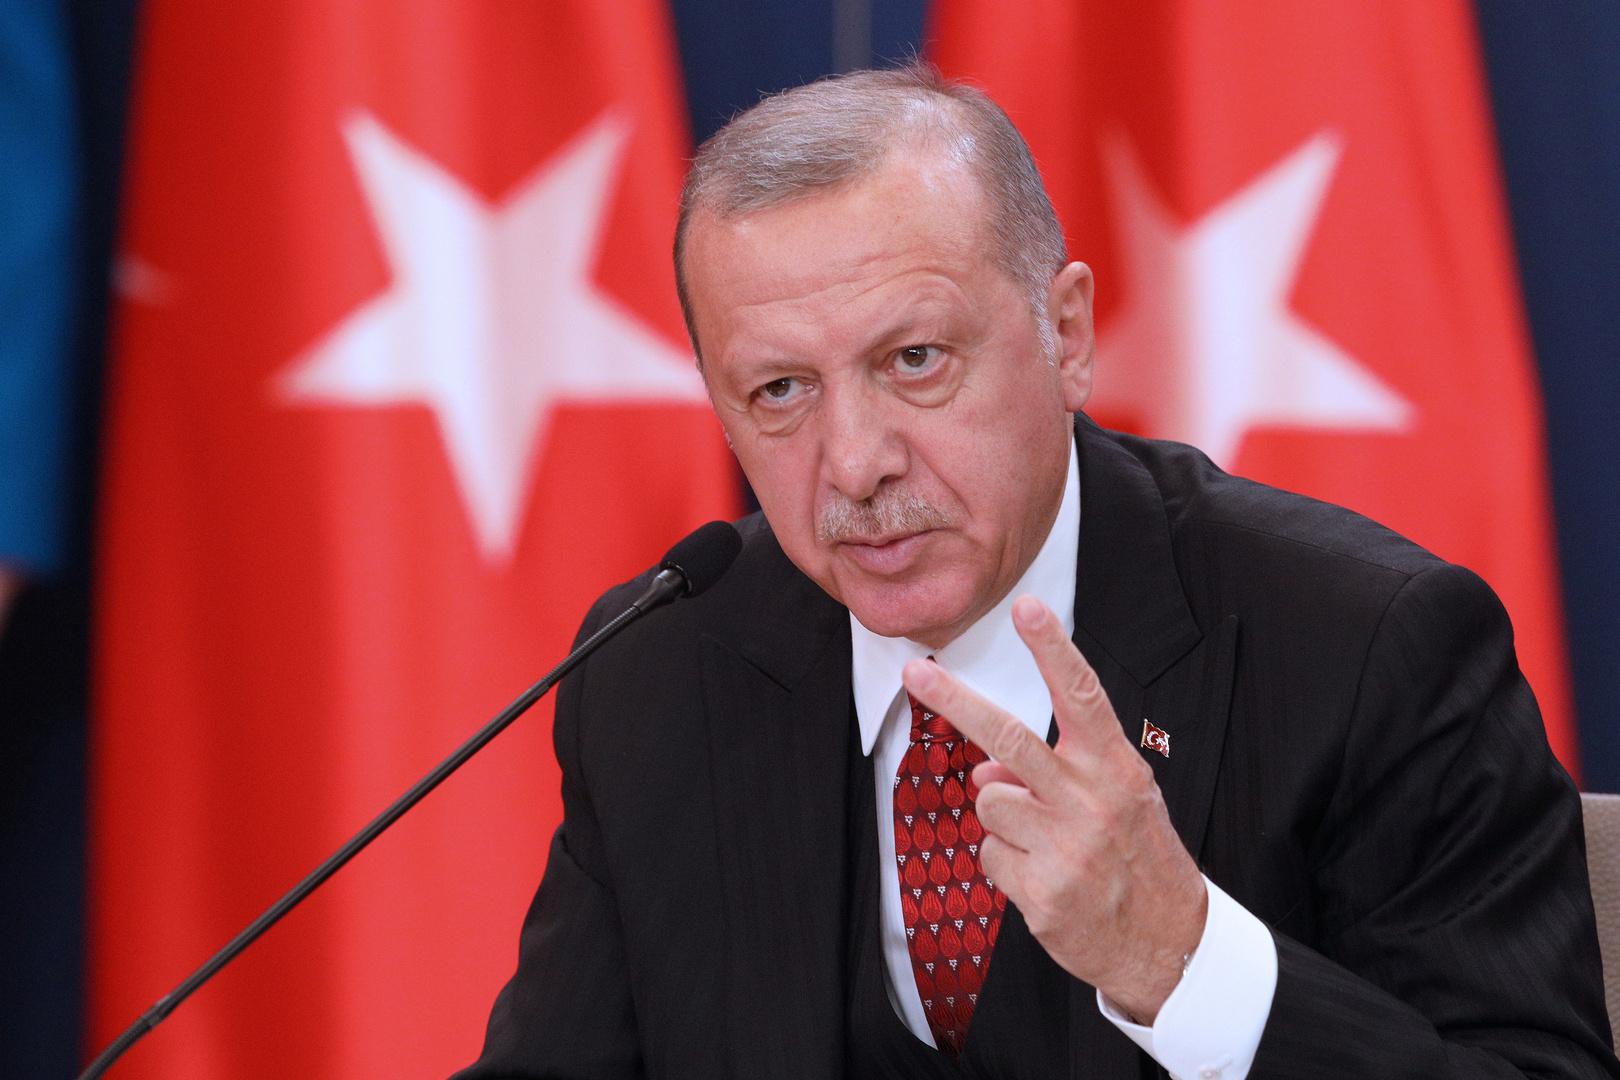 أردوغان يبحث تعليق العلاقات الدبلوماسية مع أبو ظبي وسحب السفير